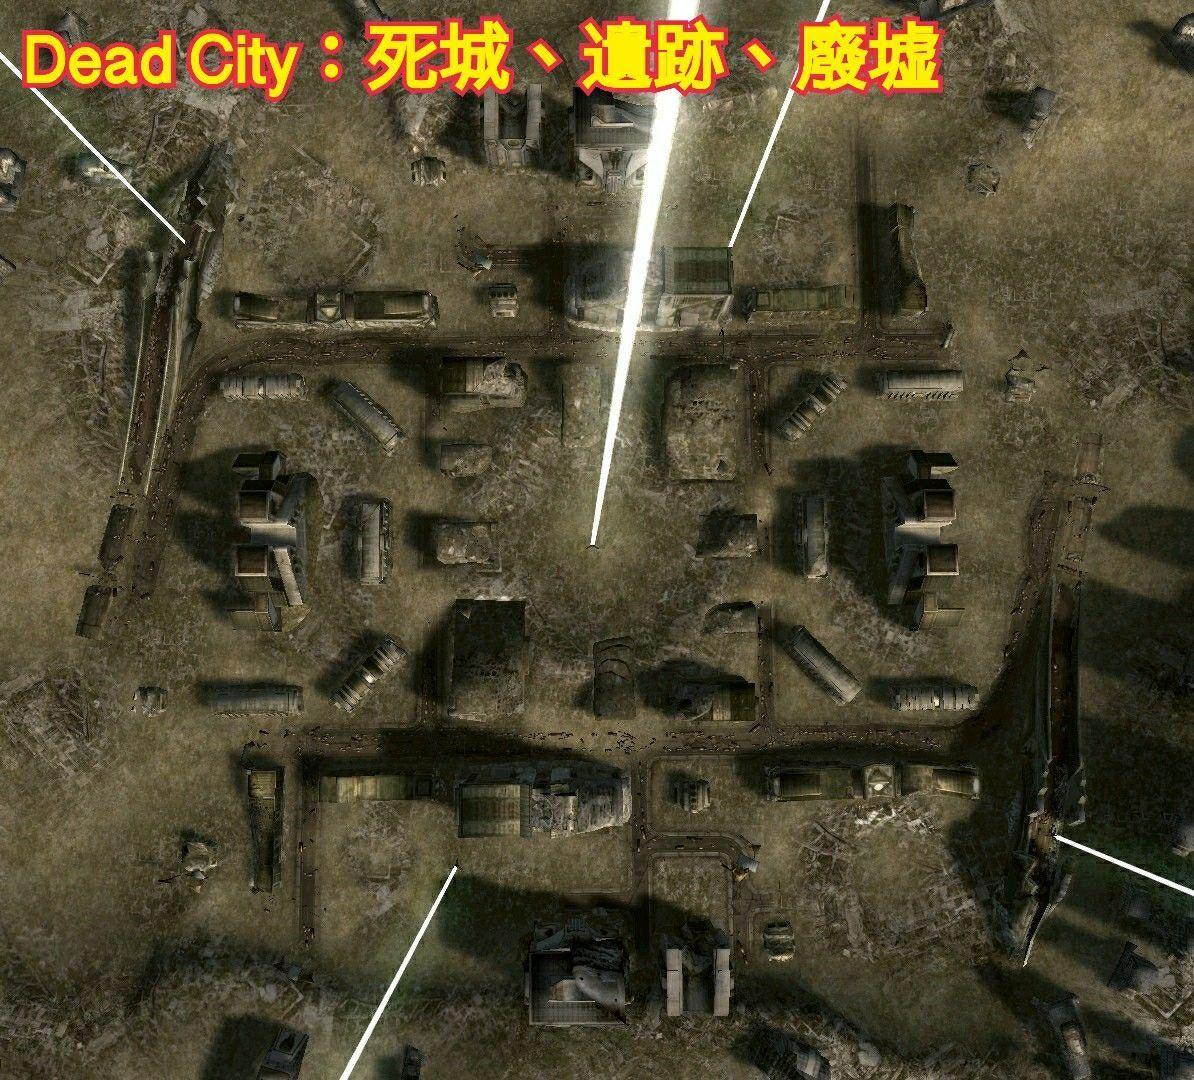 战争机器人死城地图攻略 死城战术分享[图]